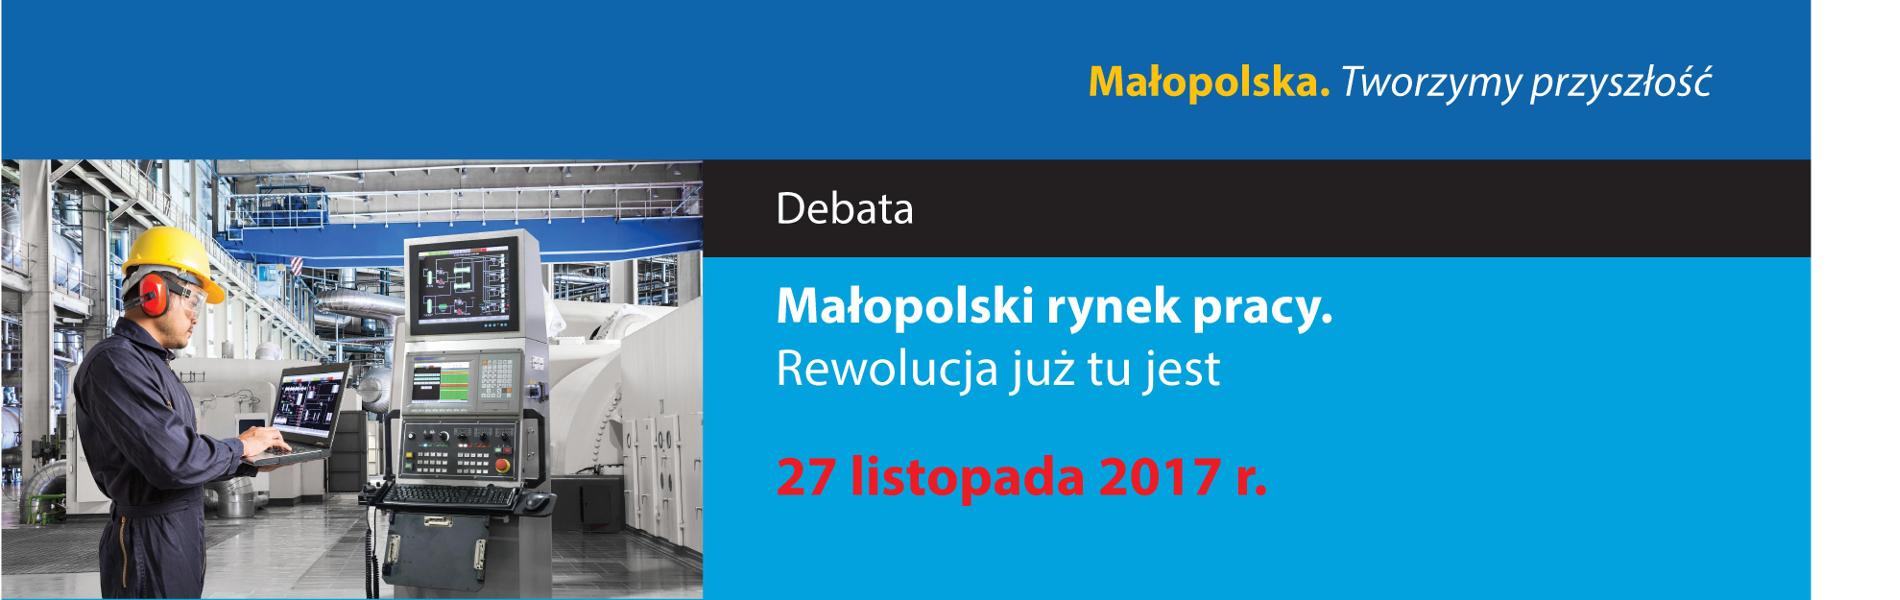 """Debata """"Małopolski rynek pracy. Rewolucja już tu jest"""""""